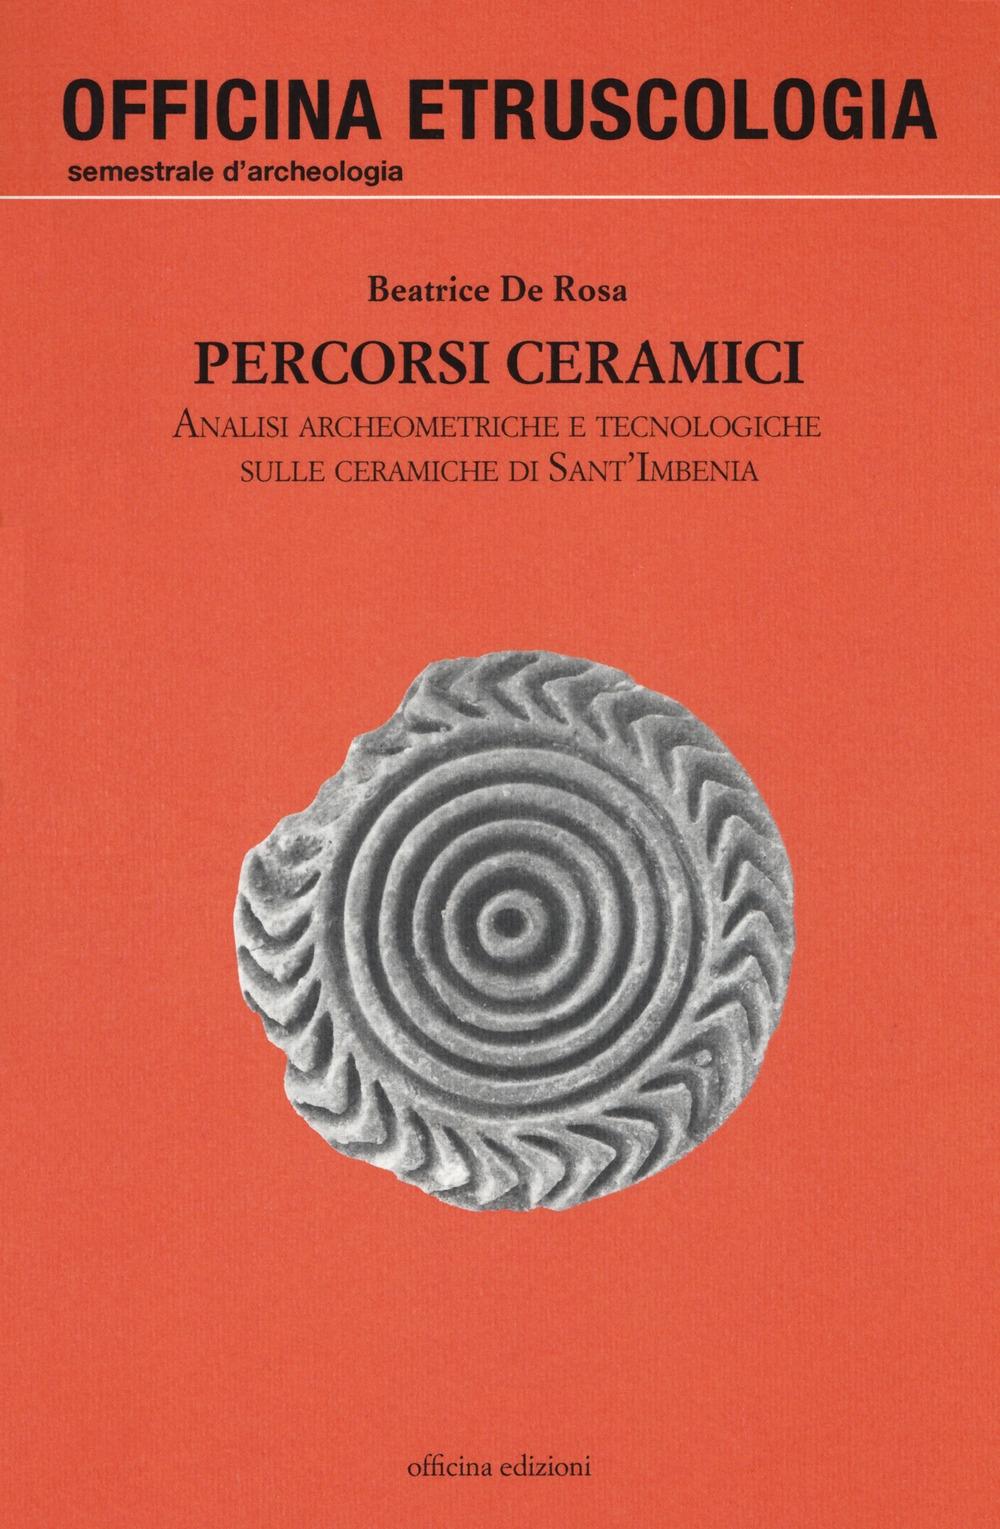 Percorsi ceramici. Analisi archeometriche e tecnologiche sulle ceramiche di Sant'Imbenia